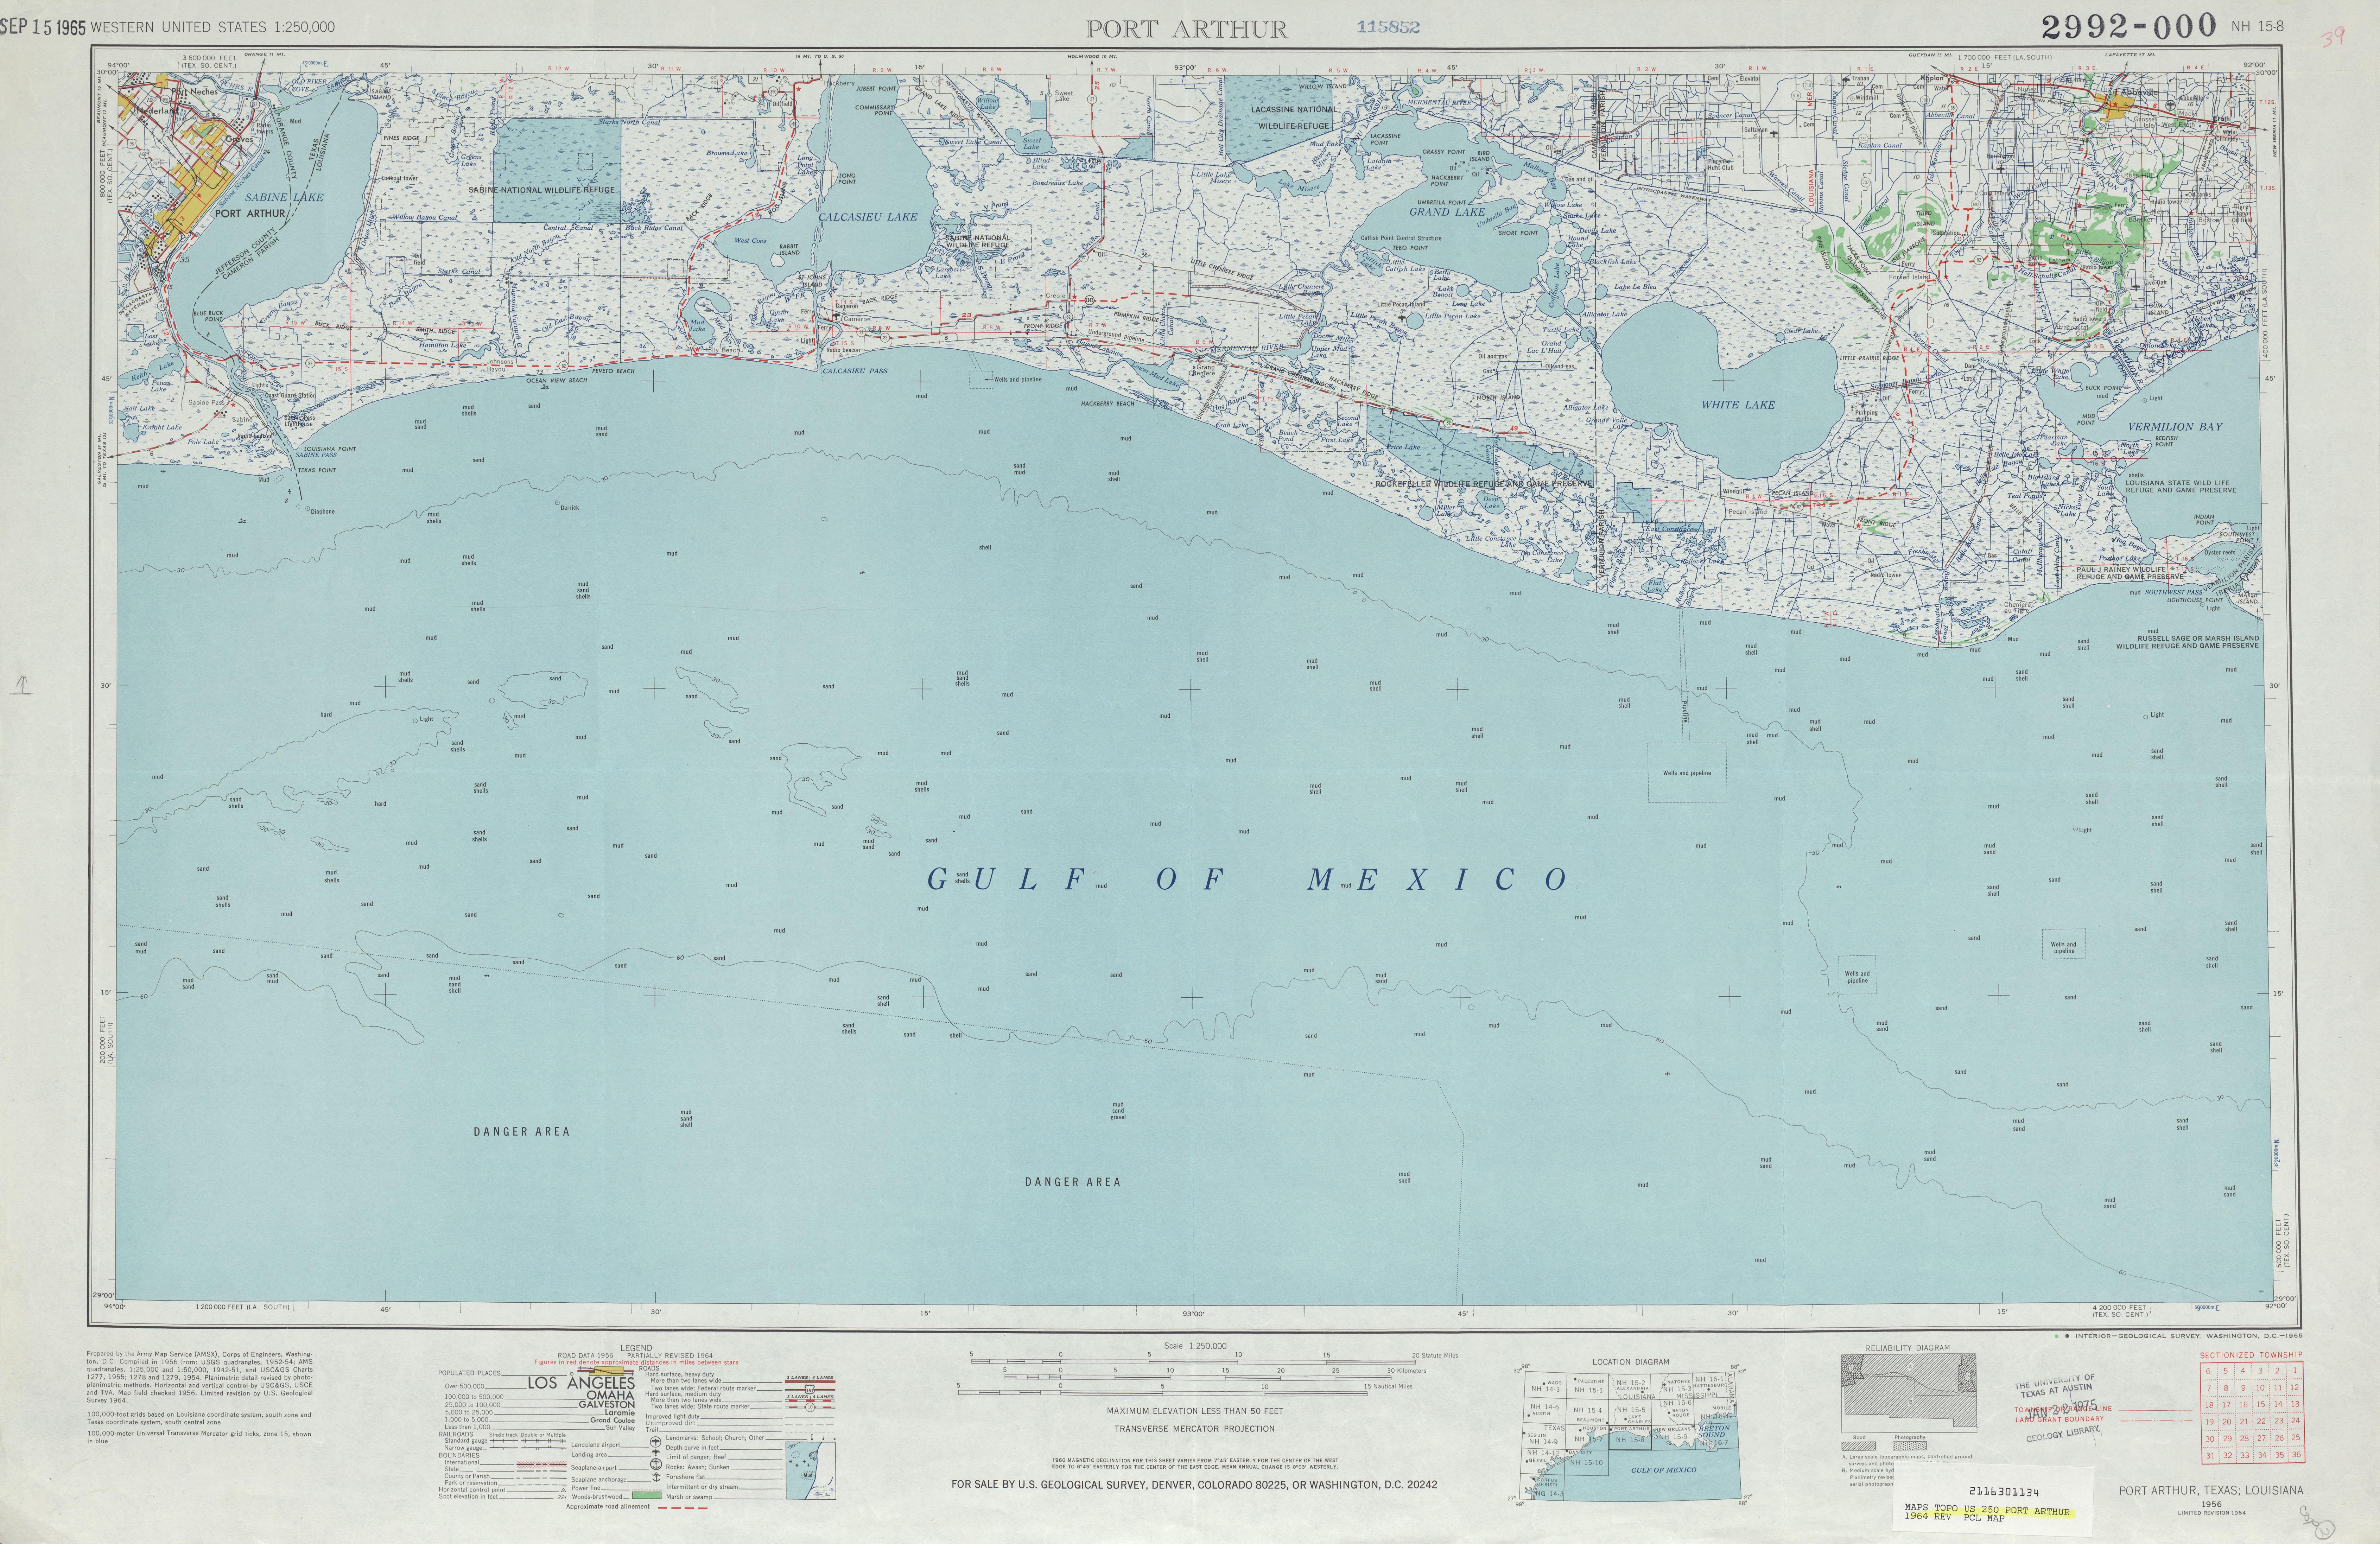 Hoja Port Arthur del Mapa Topográfico de los Estados Unidos 1964